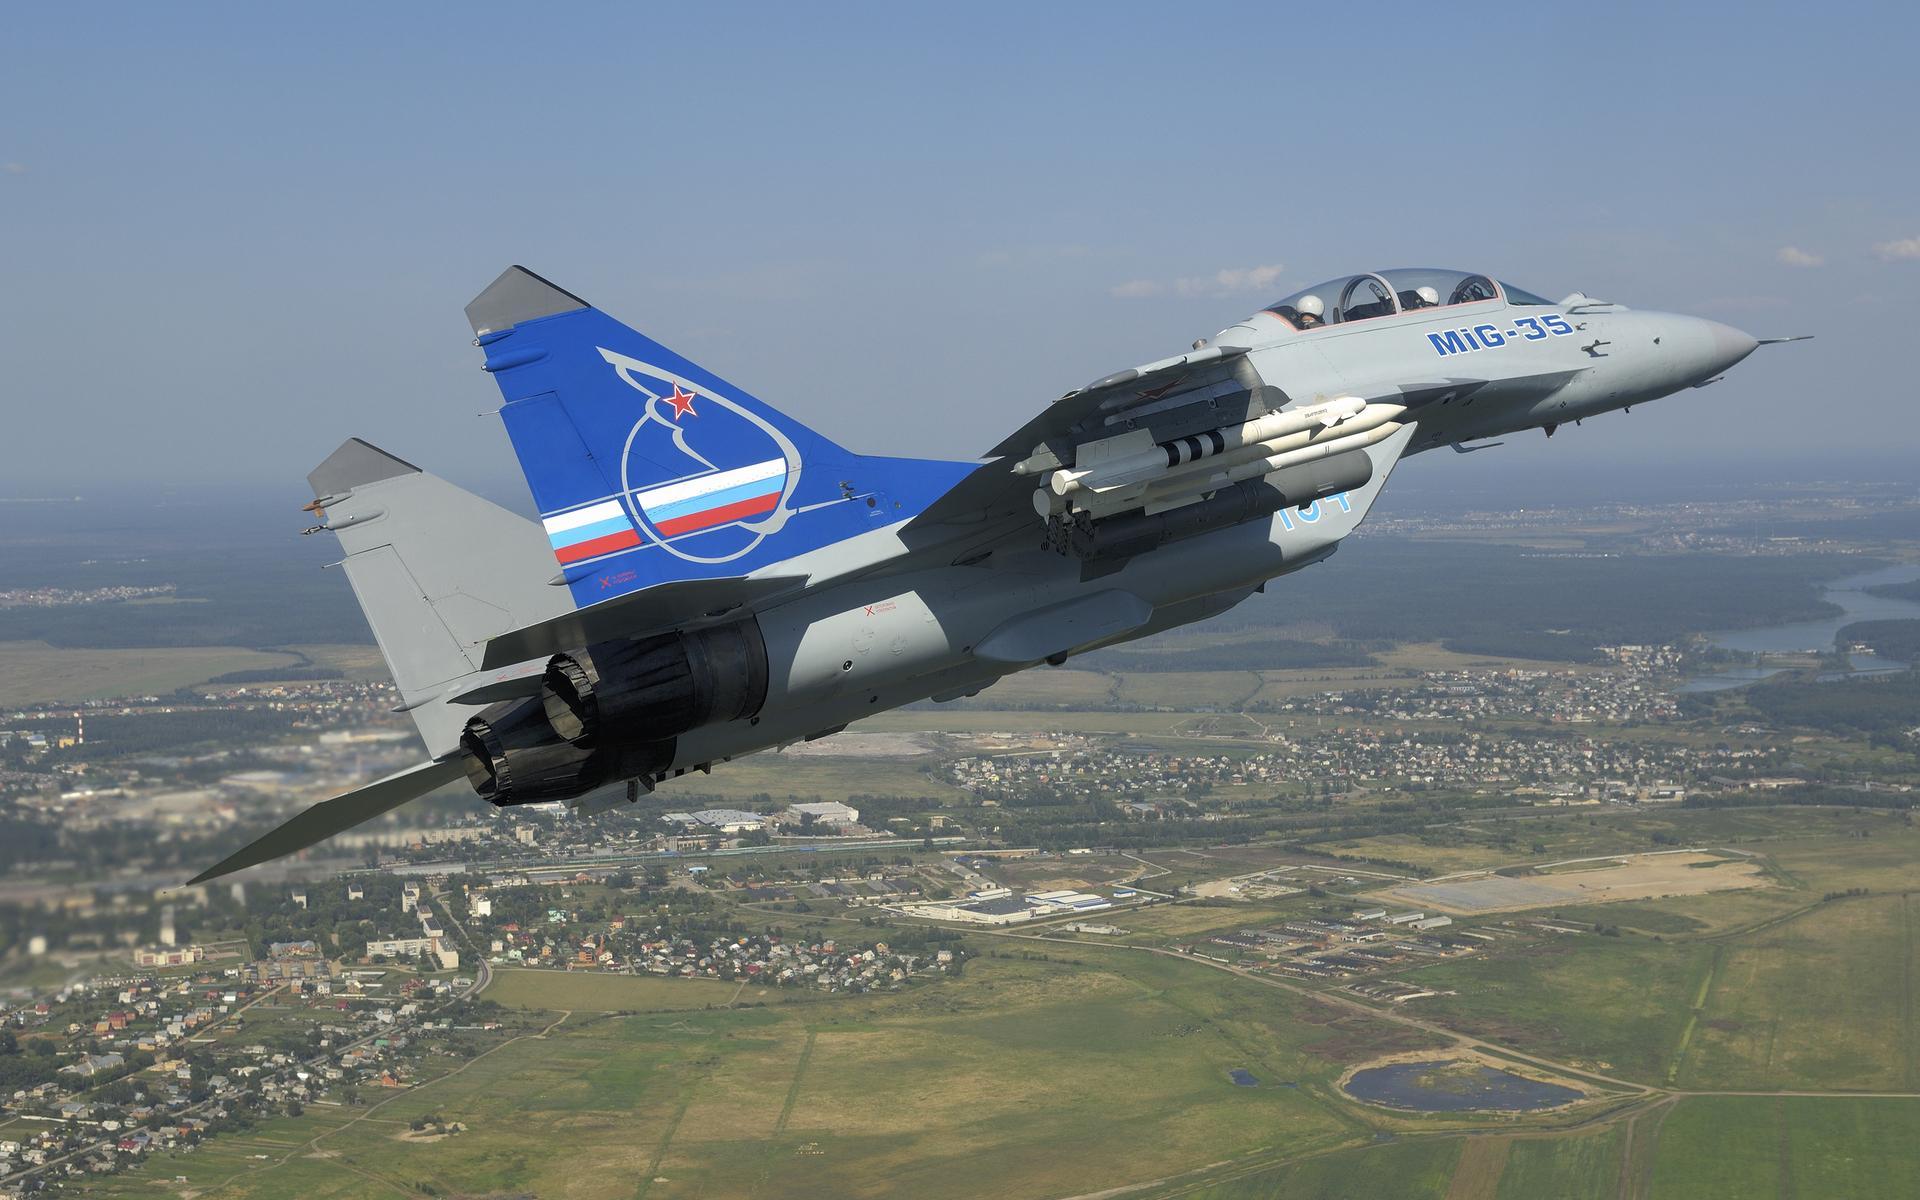 Mig 35 Hd Wallpaper: Mikoyan MiG-35 Wallpaper HD Download